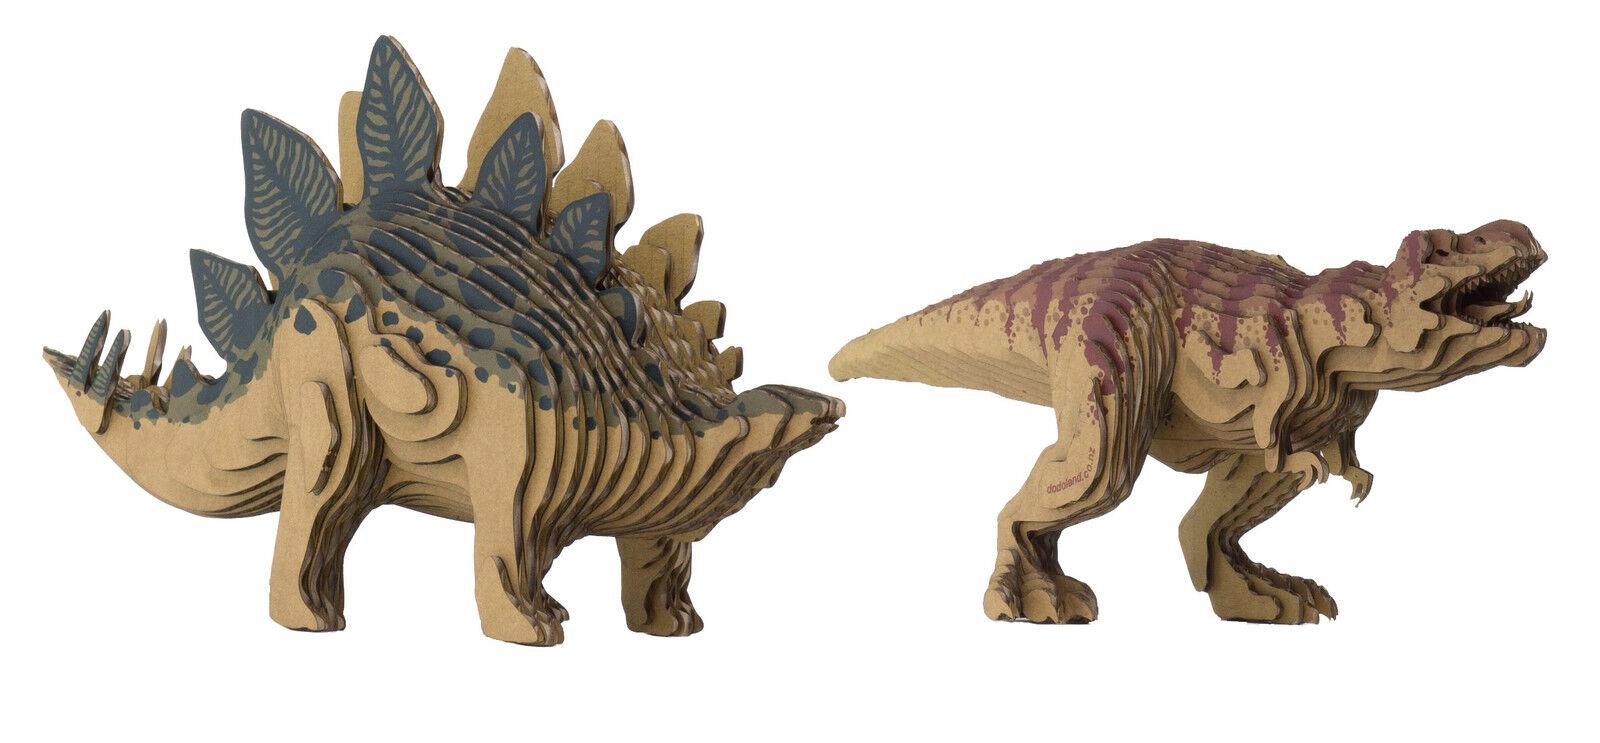 3D Dinosaur DIY Bundle Kit Make Stegosaurus & Tyrannosaurus Eco-Friendly Models